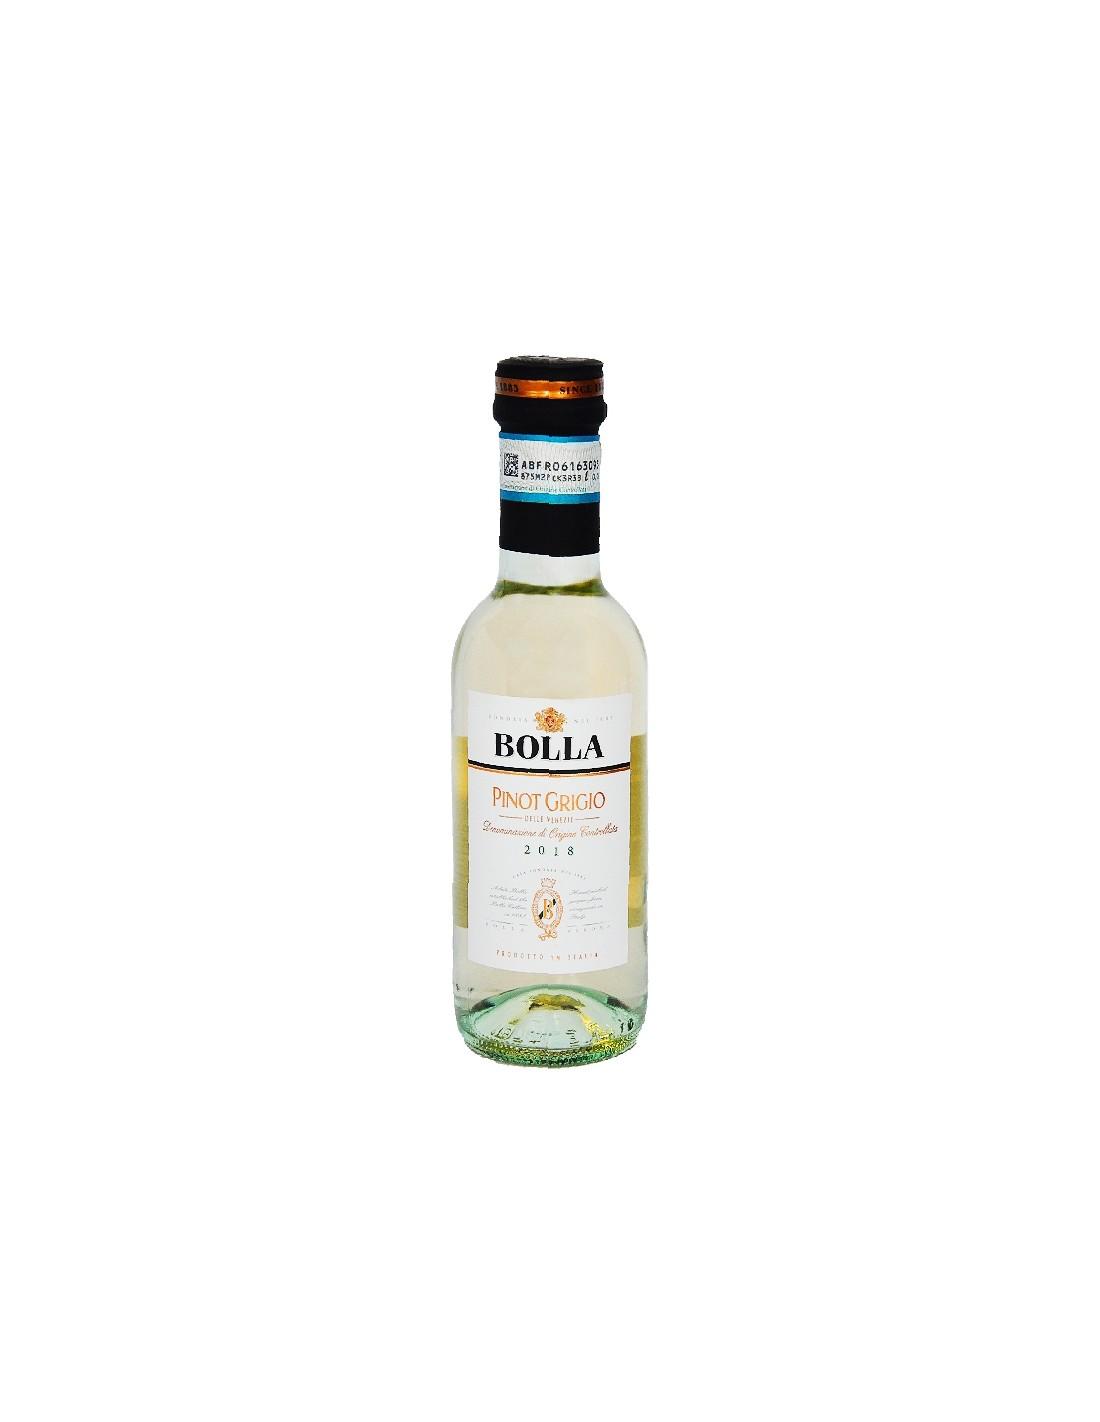 Vin alb, Pinot Grigio, Bolla delle Venezie, 0.187L, 12.5% alc., Italia